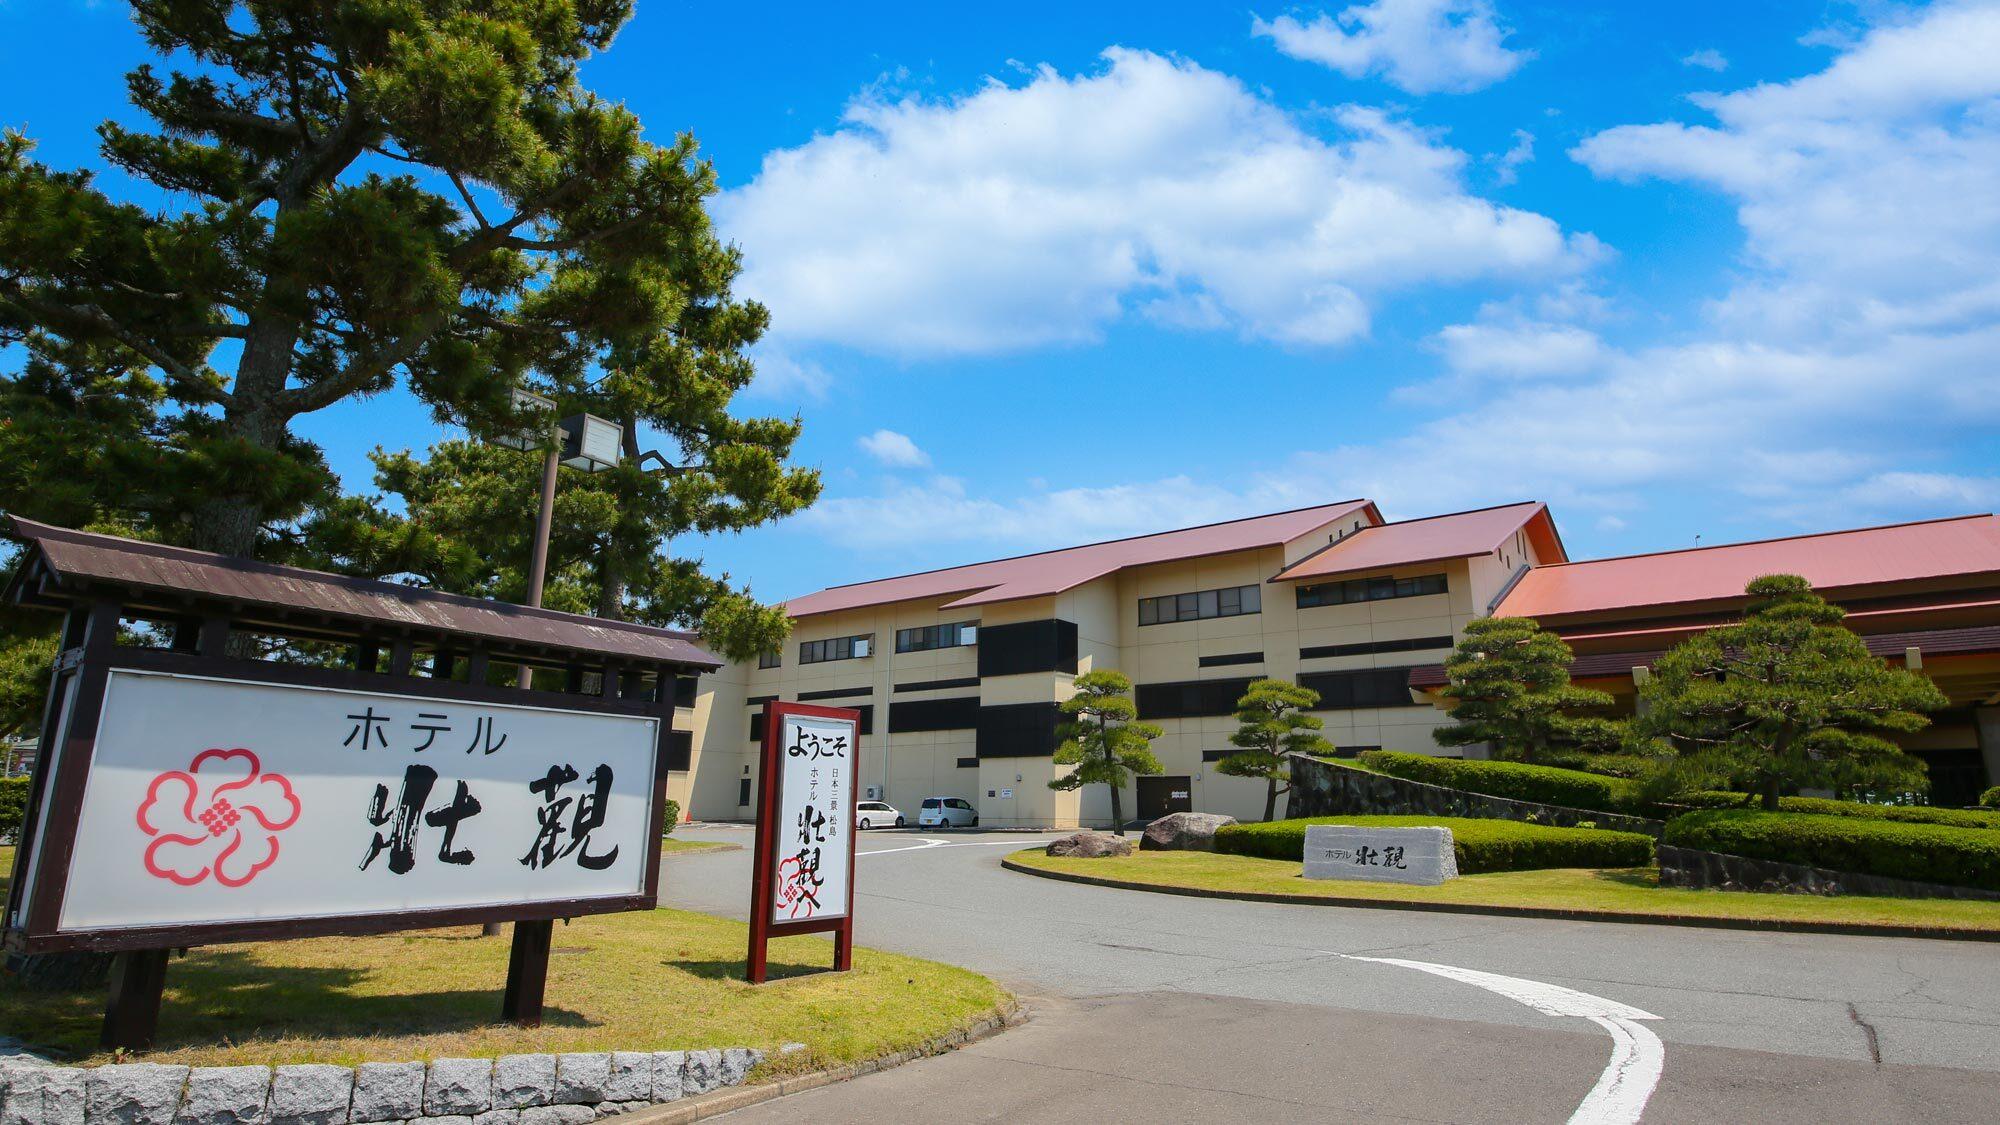 ホテル 壮観◆楽天トラベル